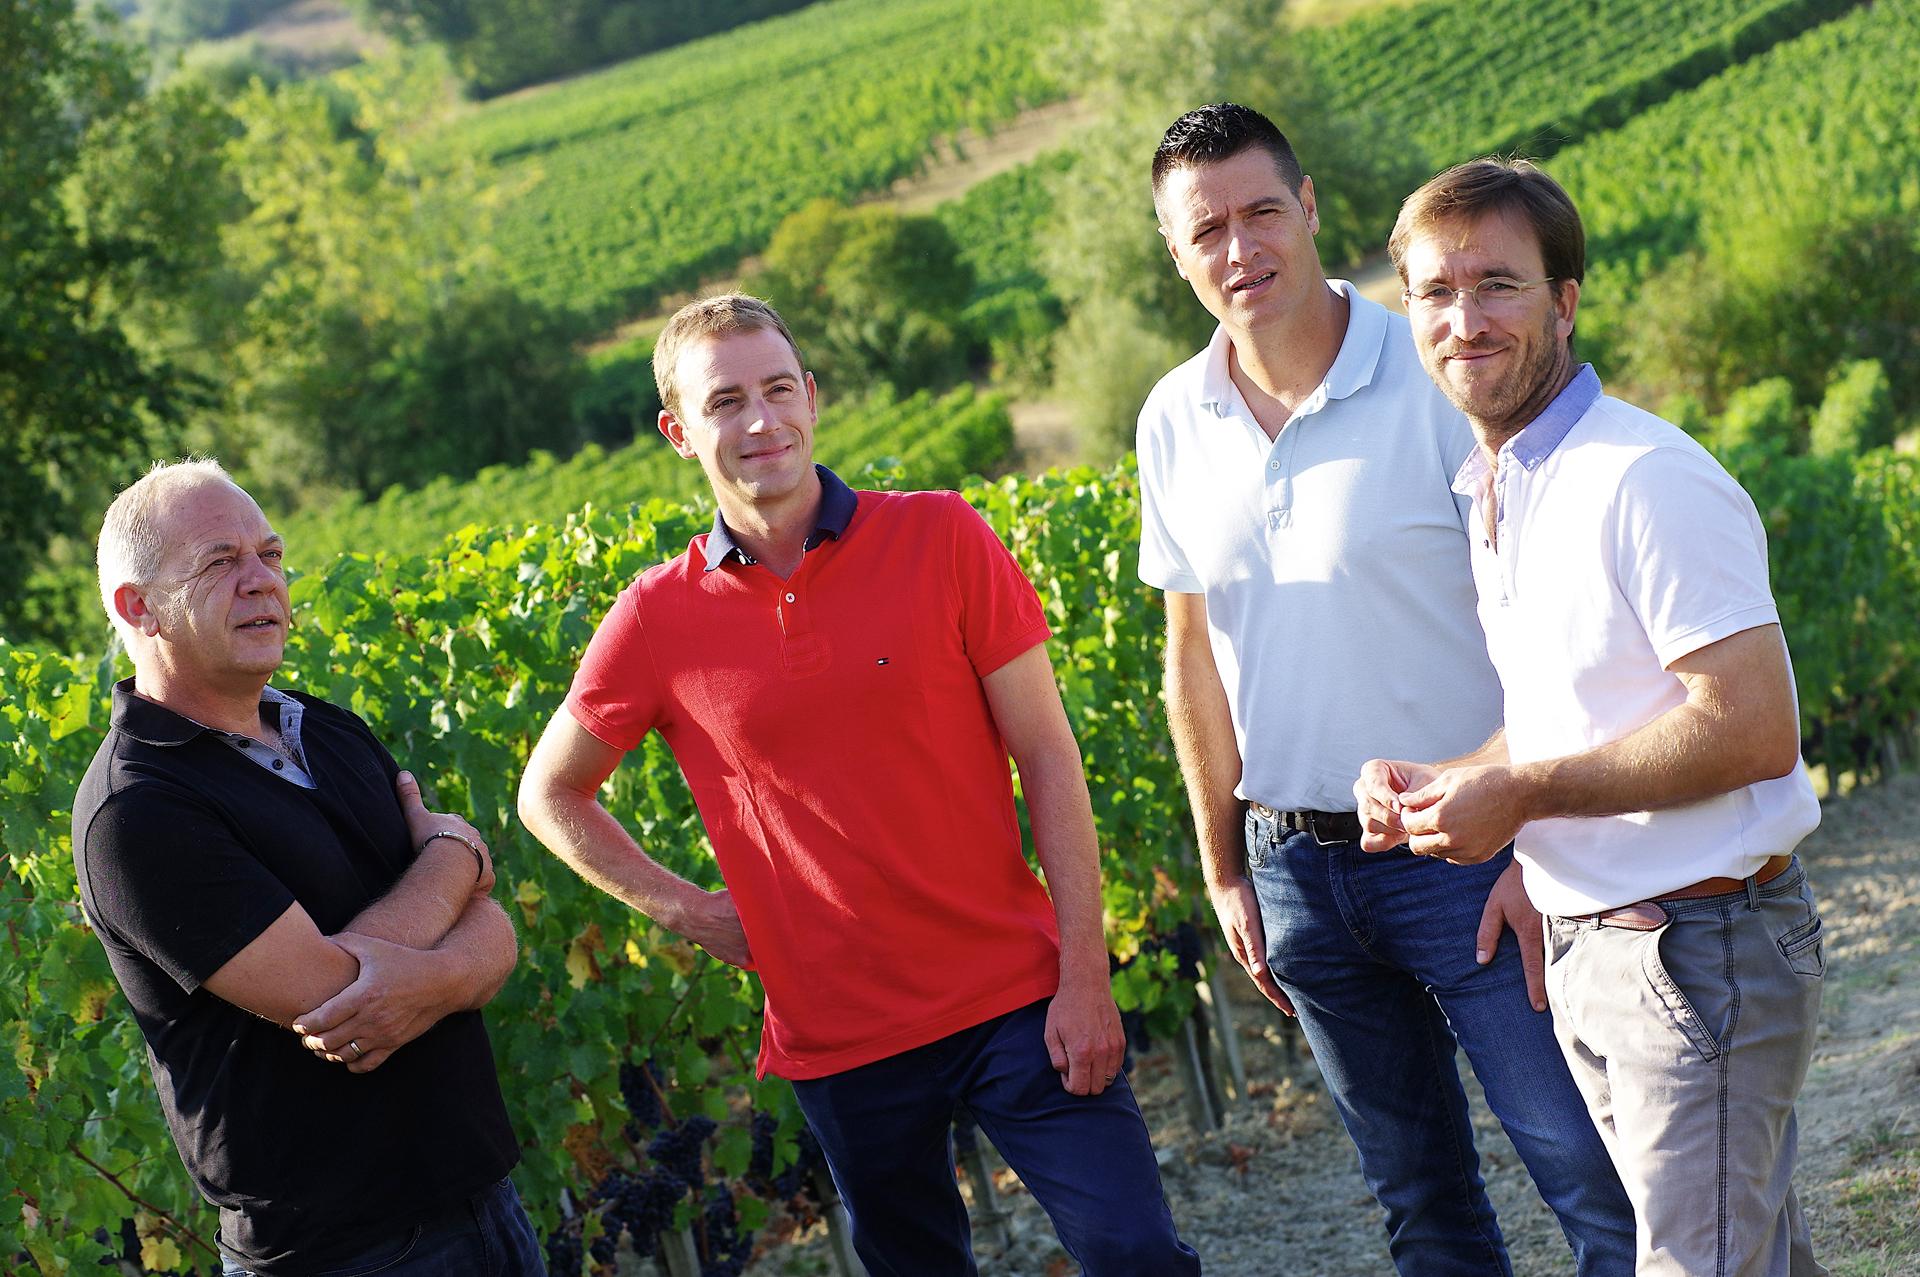 Derenoncourt Consultants, un label d'excellence - Stéphane Derenoncourt, Julien Lavenu, Simon Blanchard, Frédéric Massie